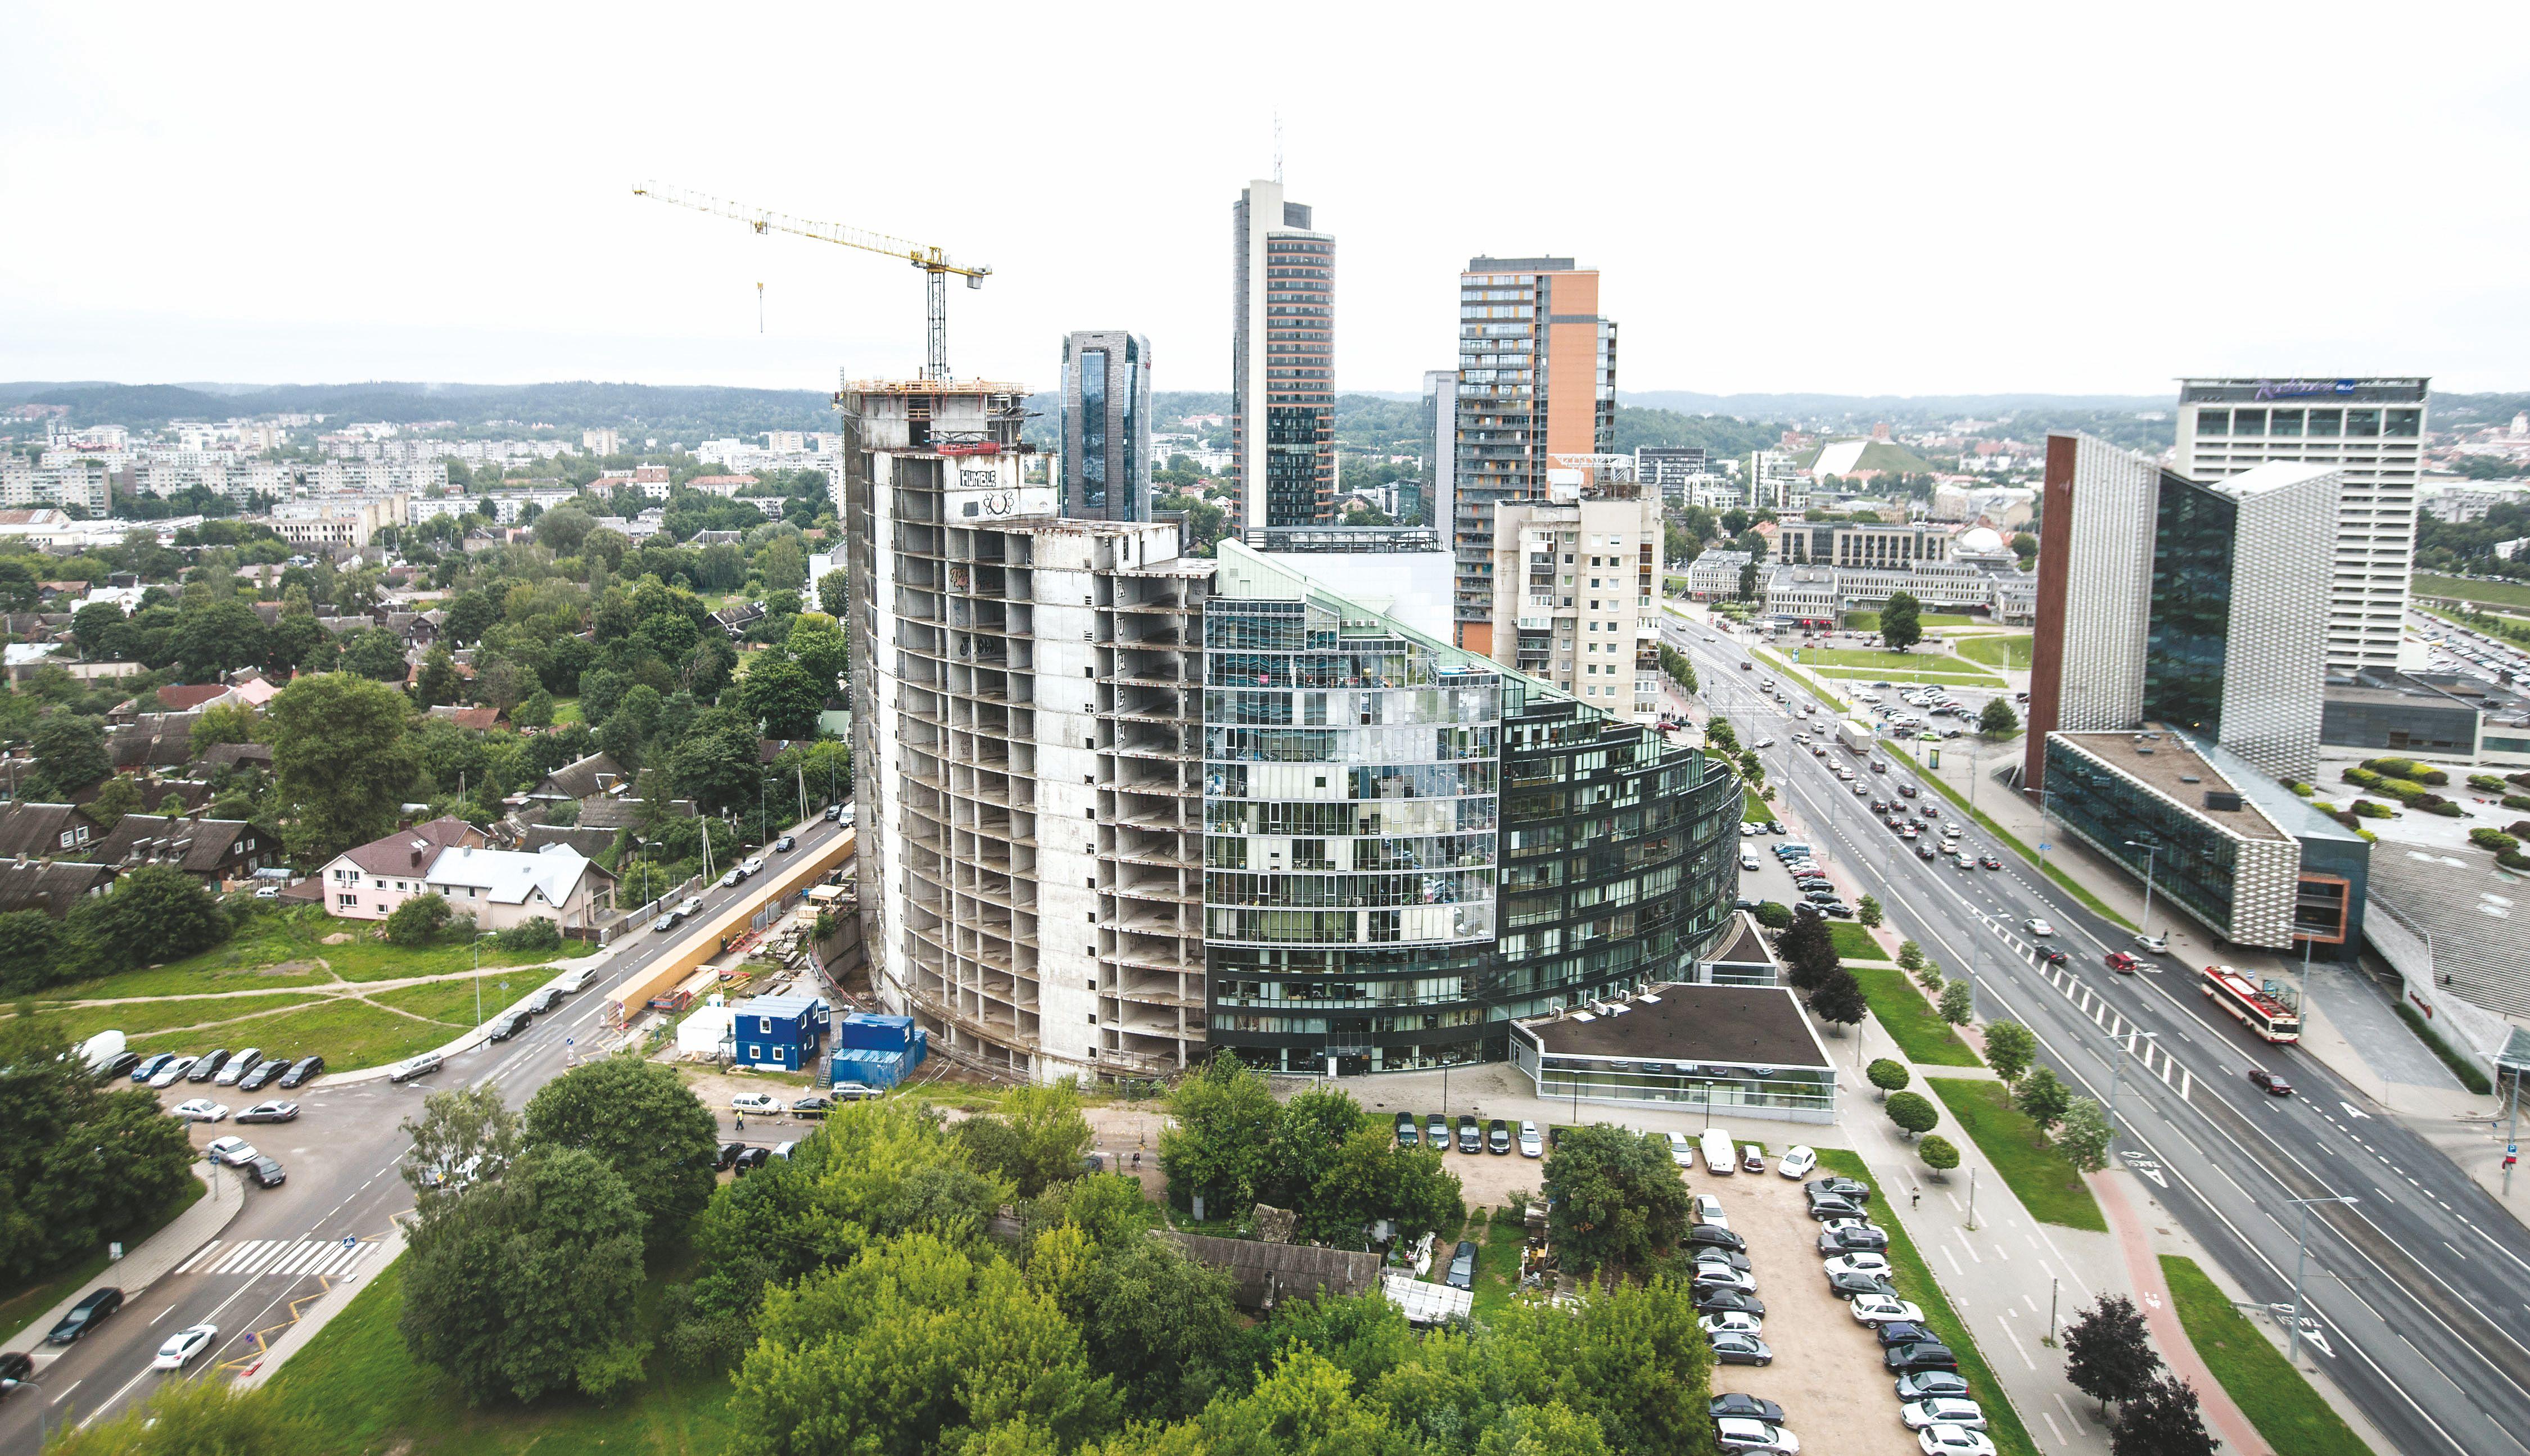 Vilniaus apskritis: didelės sostinės apsukos trukteli ir atokesnius rajonus